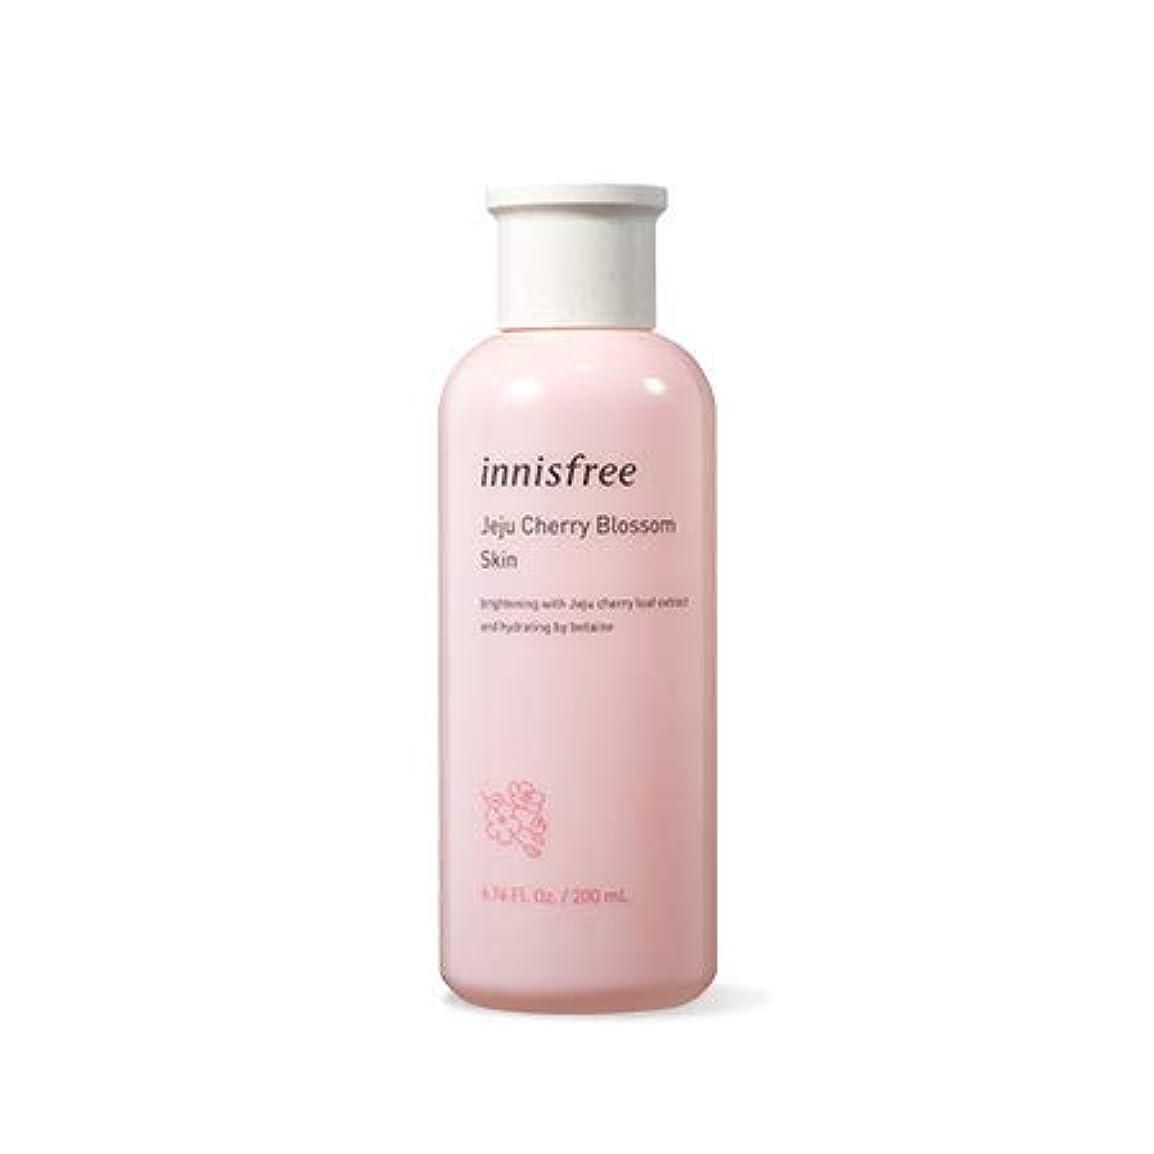 わずかな段階テザーイニスフリー 済州 チェリー ブラッサム スキン 200ml / Innisfree Jeju Cherry Blossom Skin 200ml [並行輸入品]